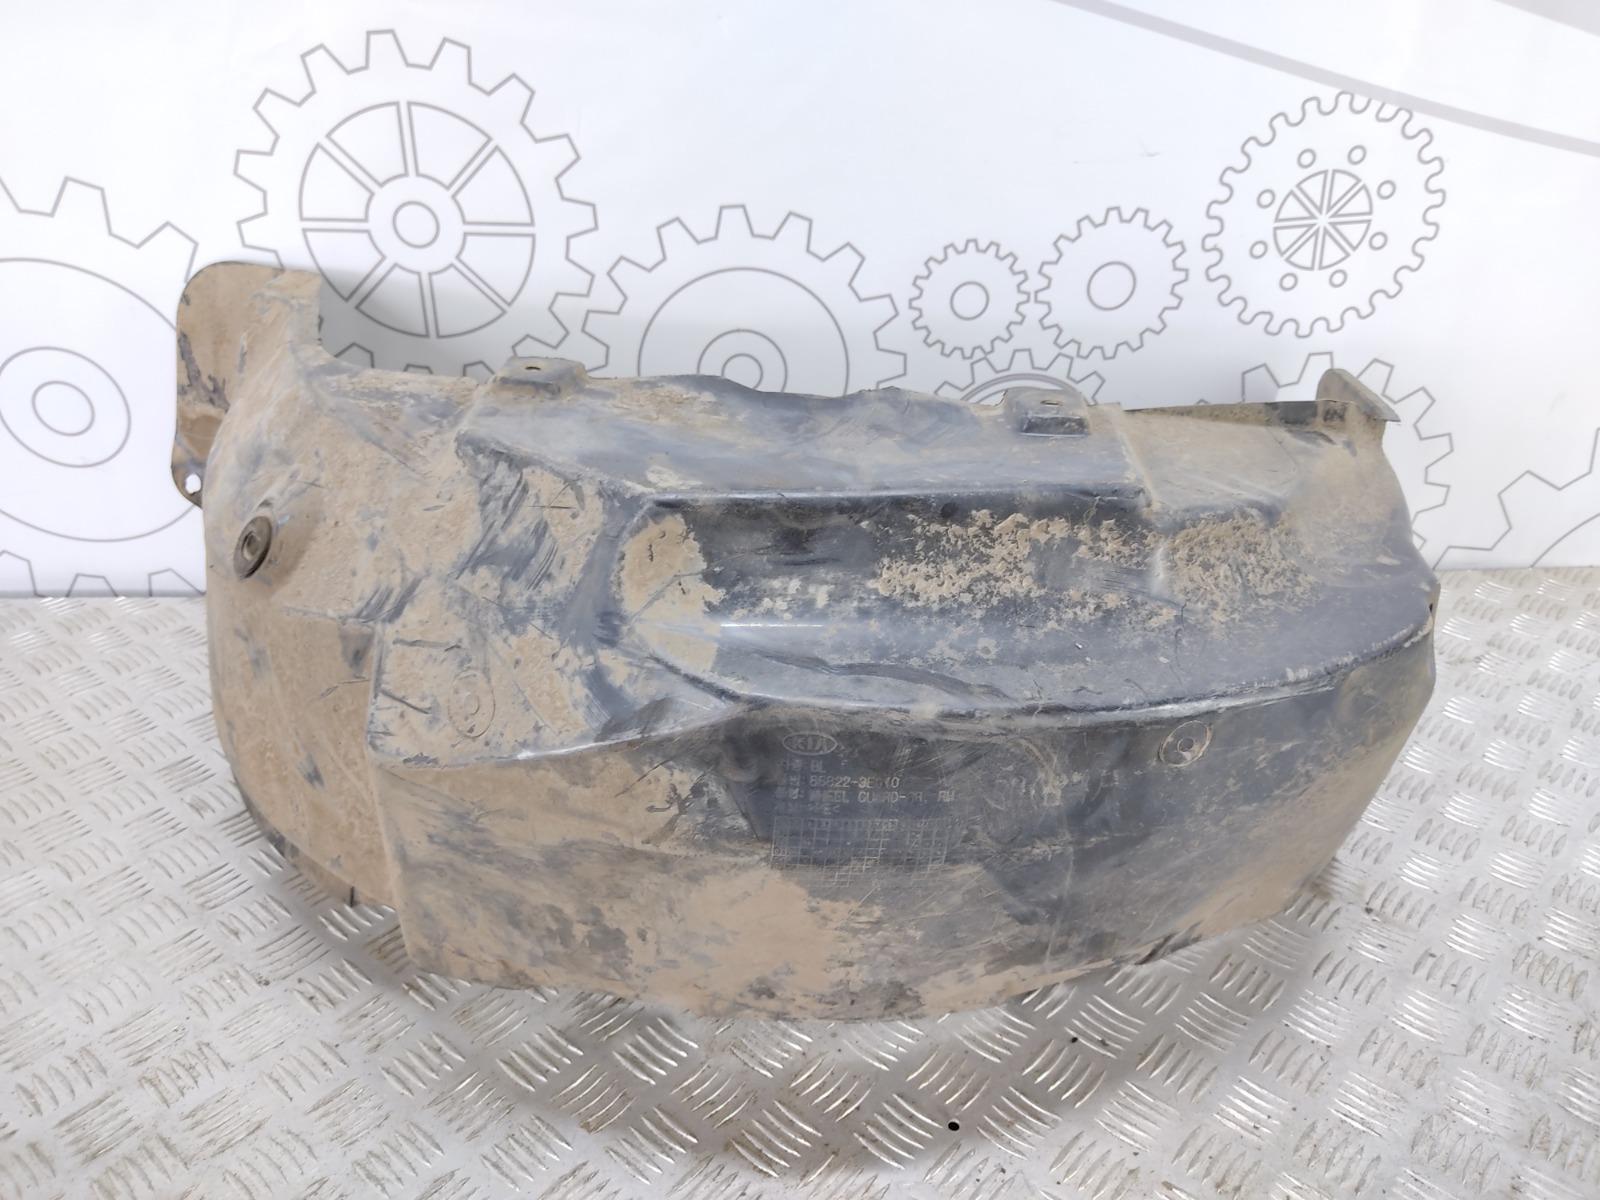 Защита арок задняя правая (подкрылок) Kia Sorento 2.5 CRDI 2004 (б/у)